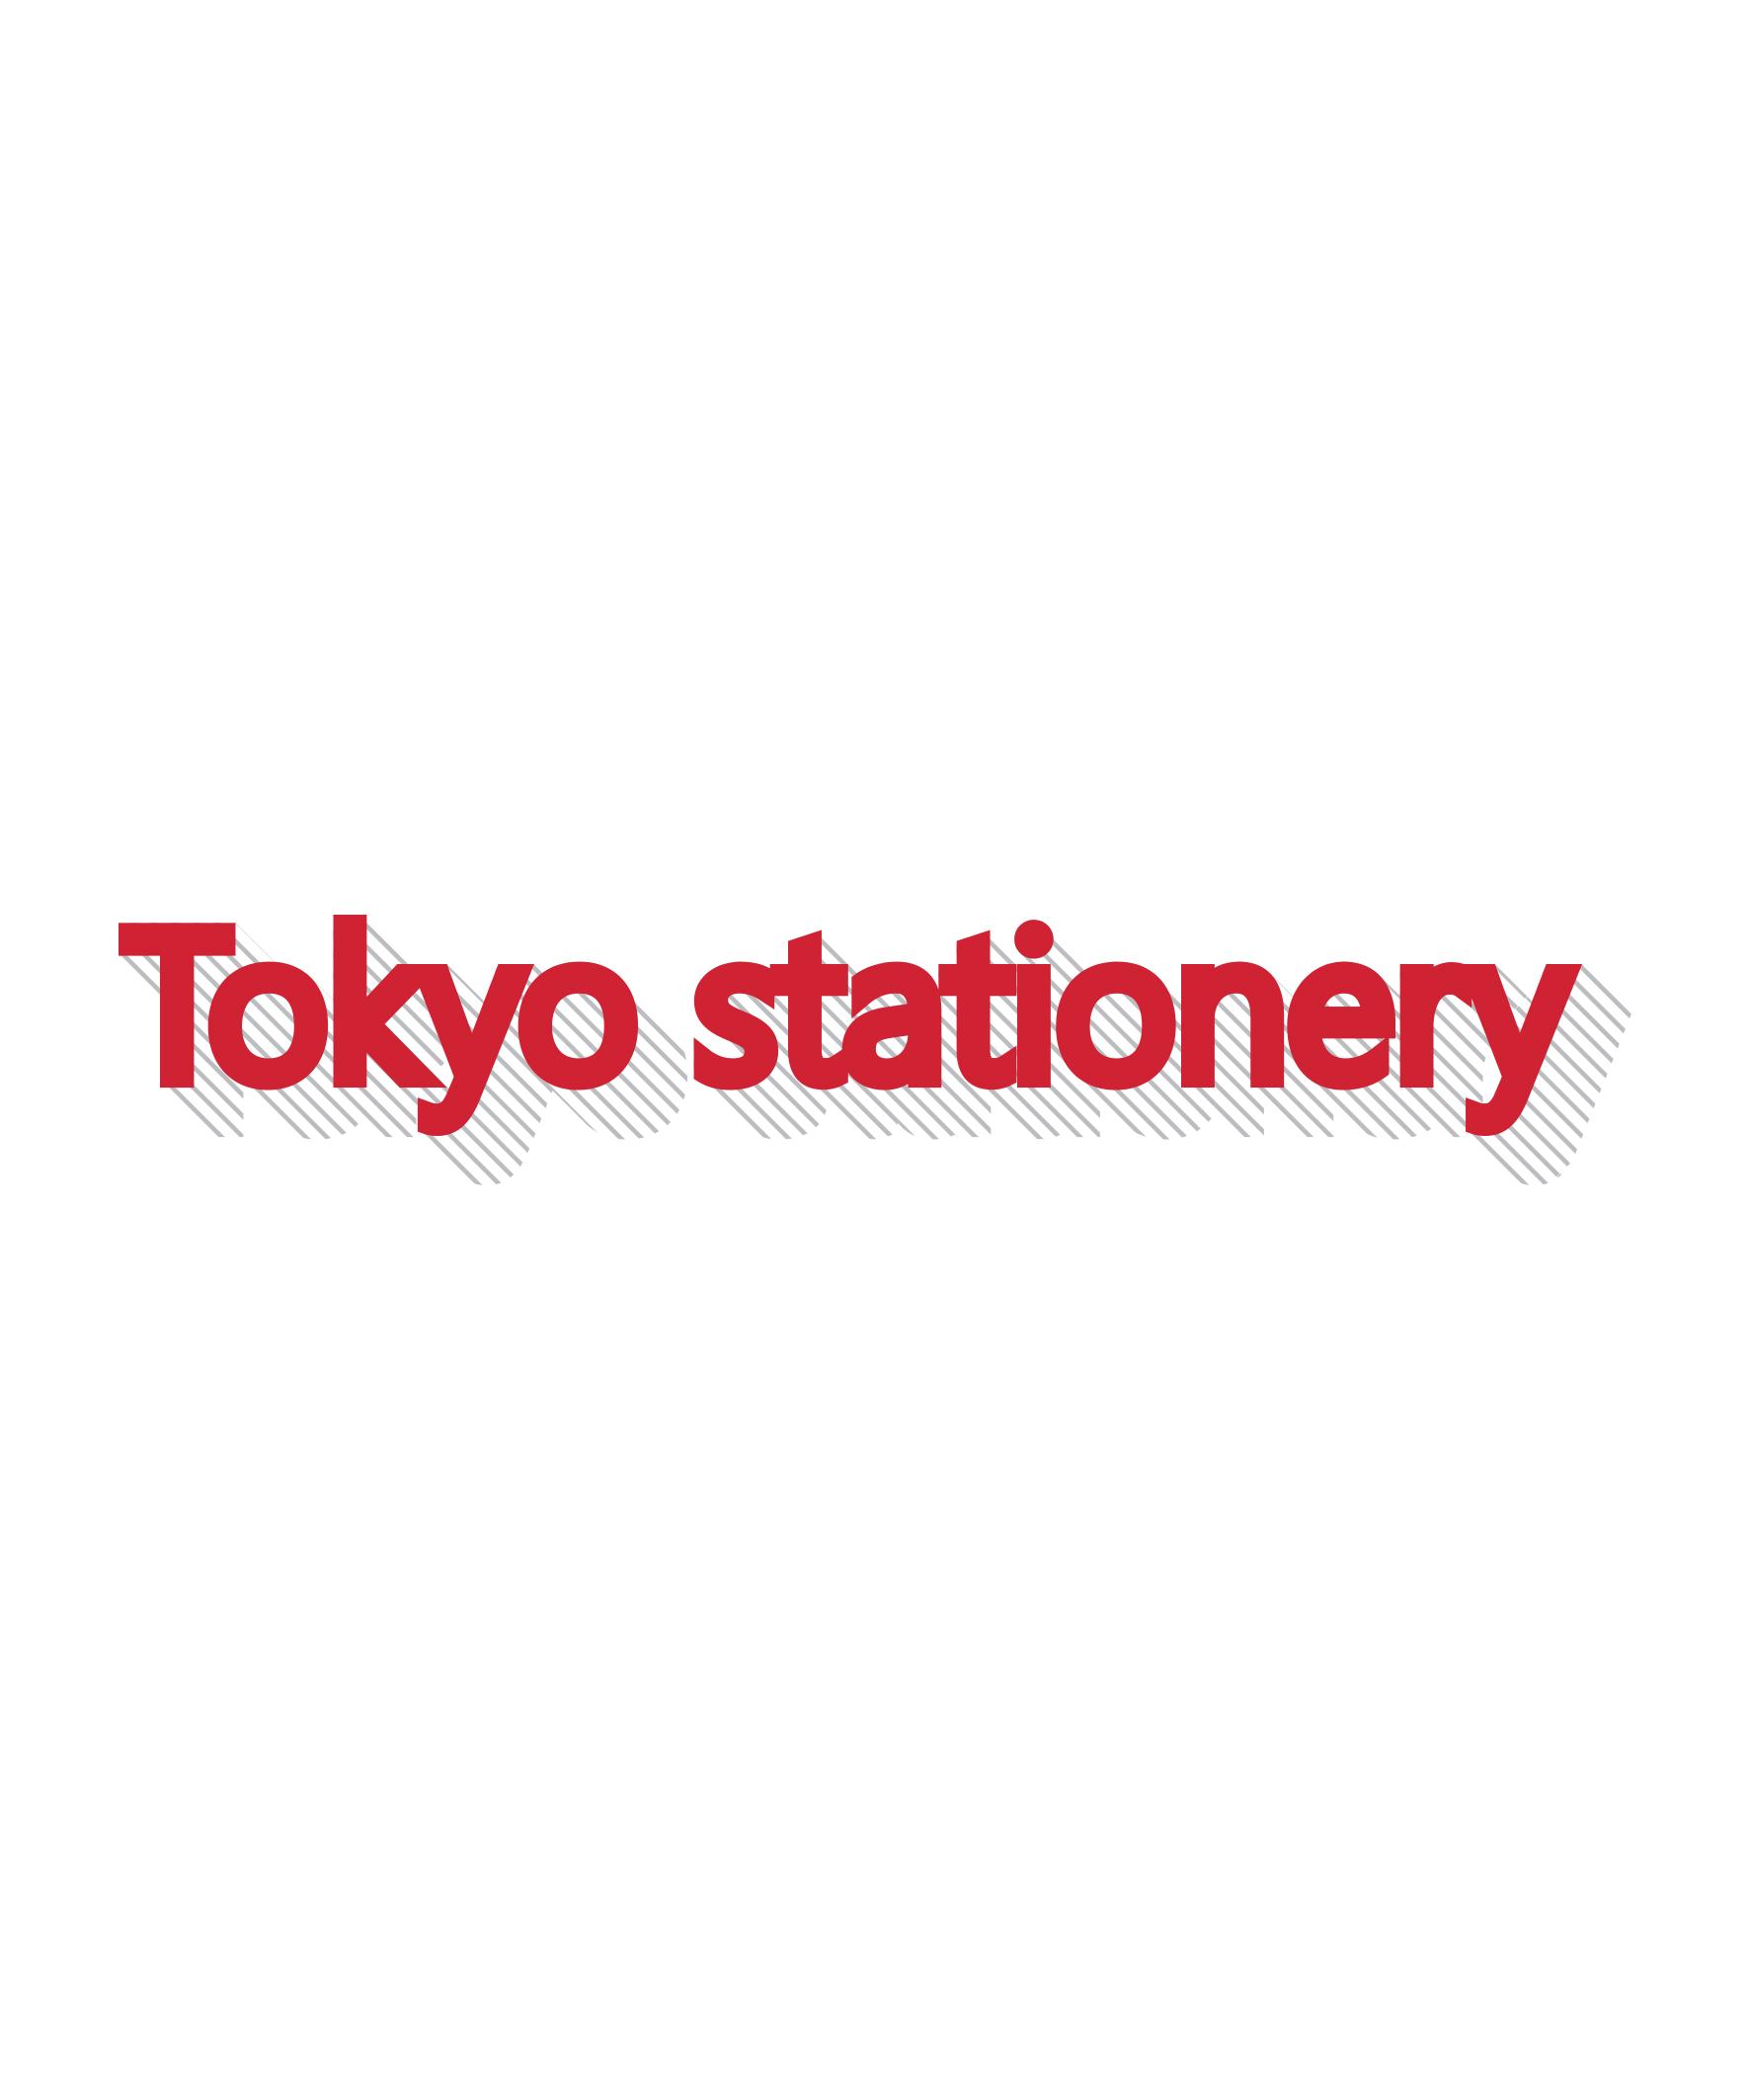 Tokyo stationery